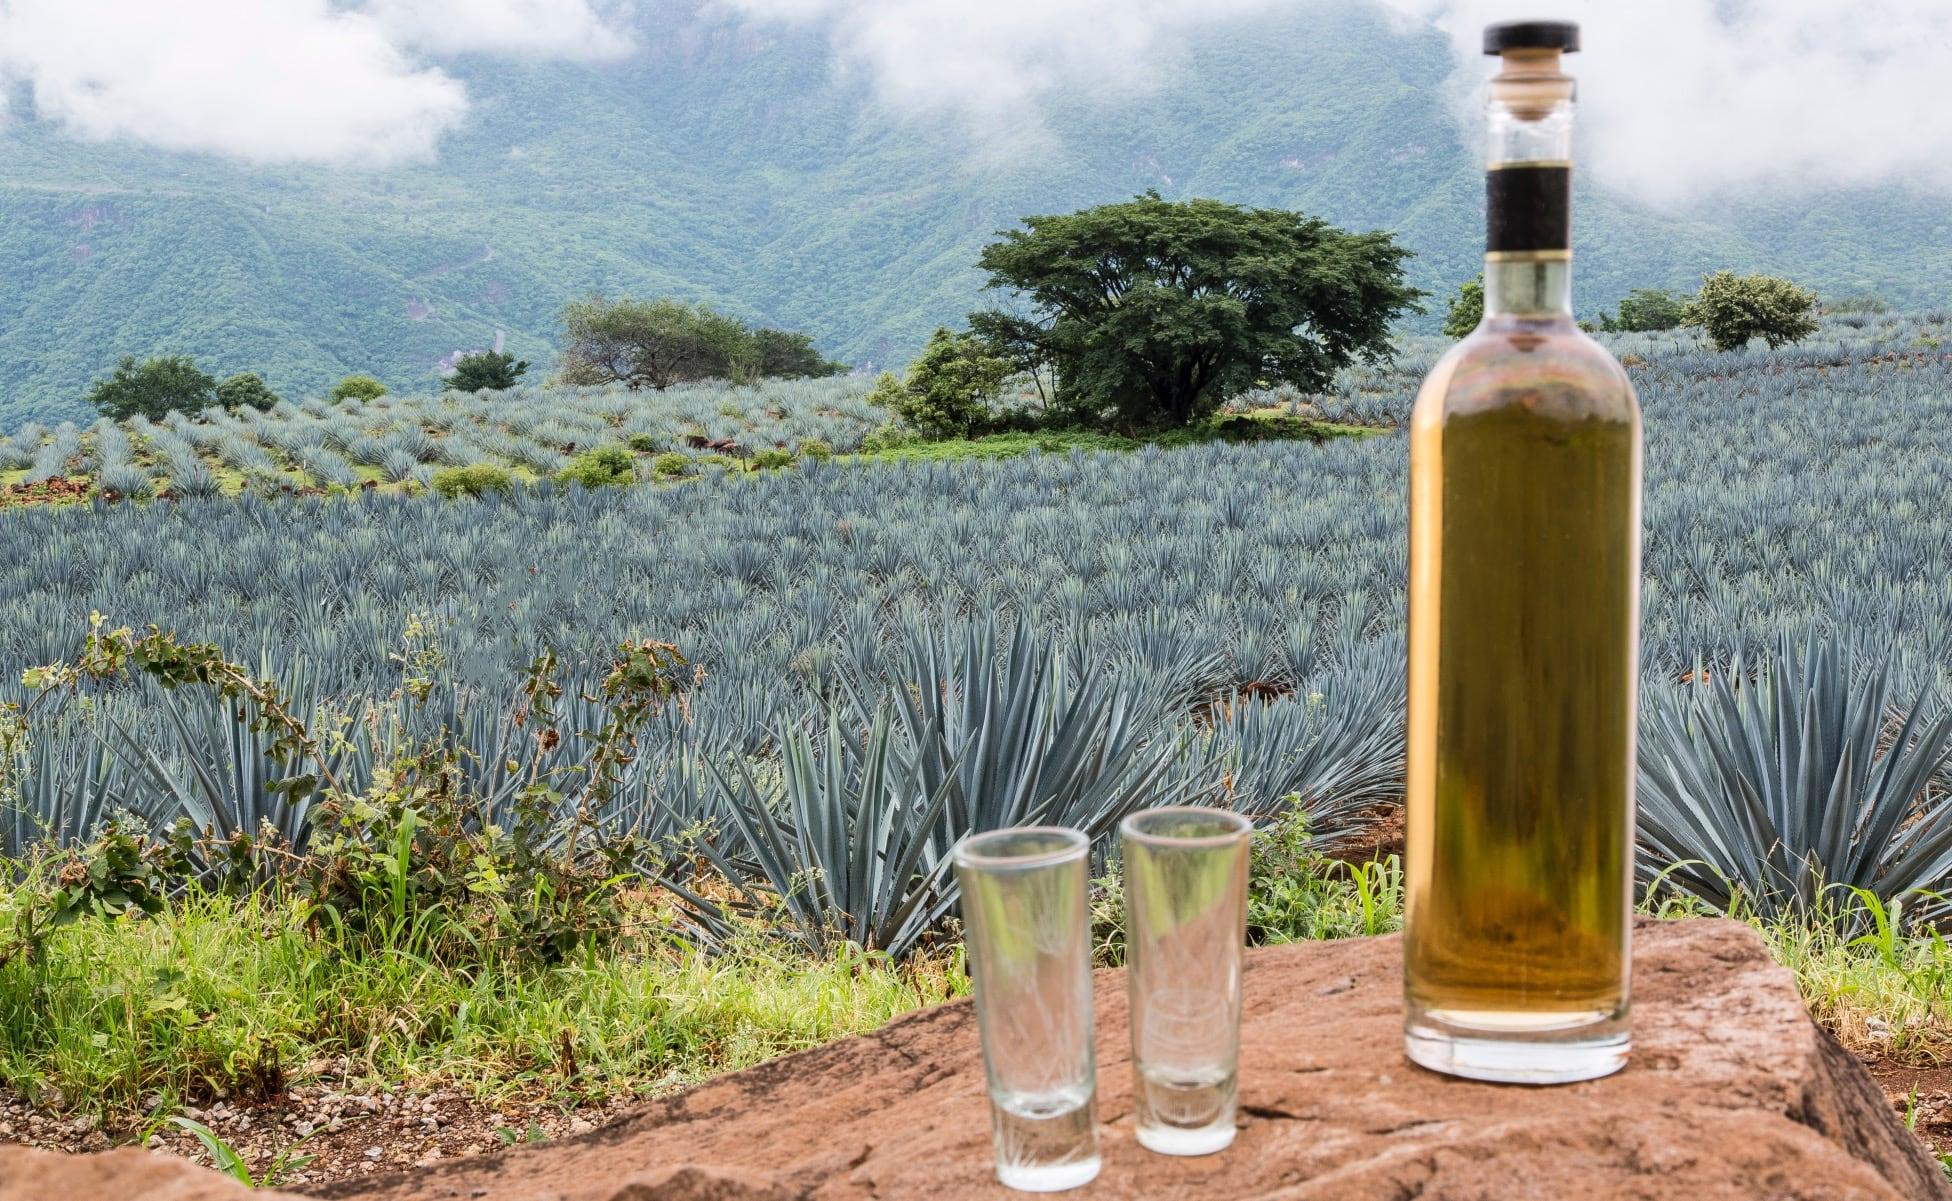 envasado de botella de tequila